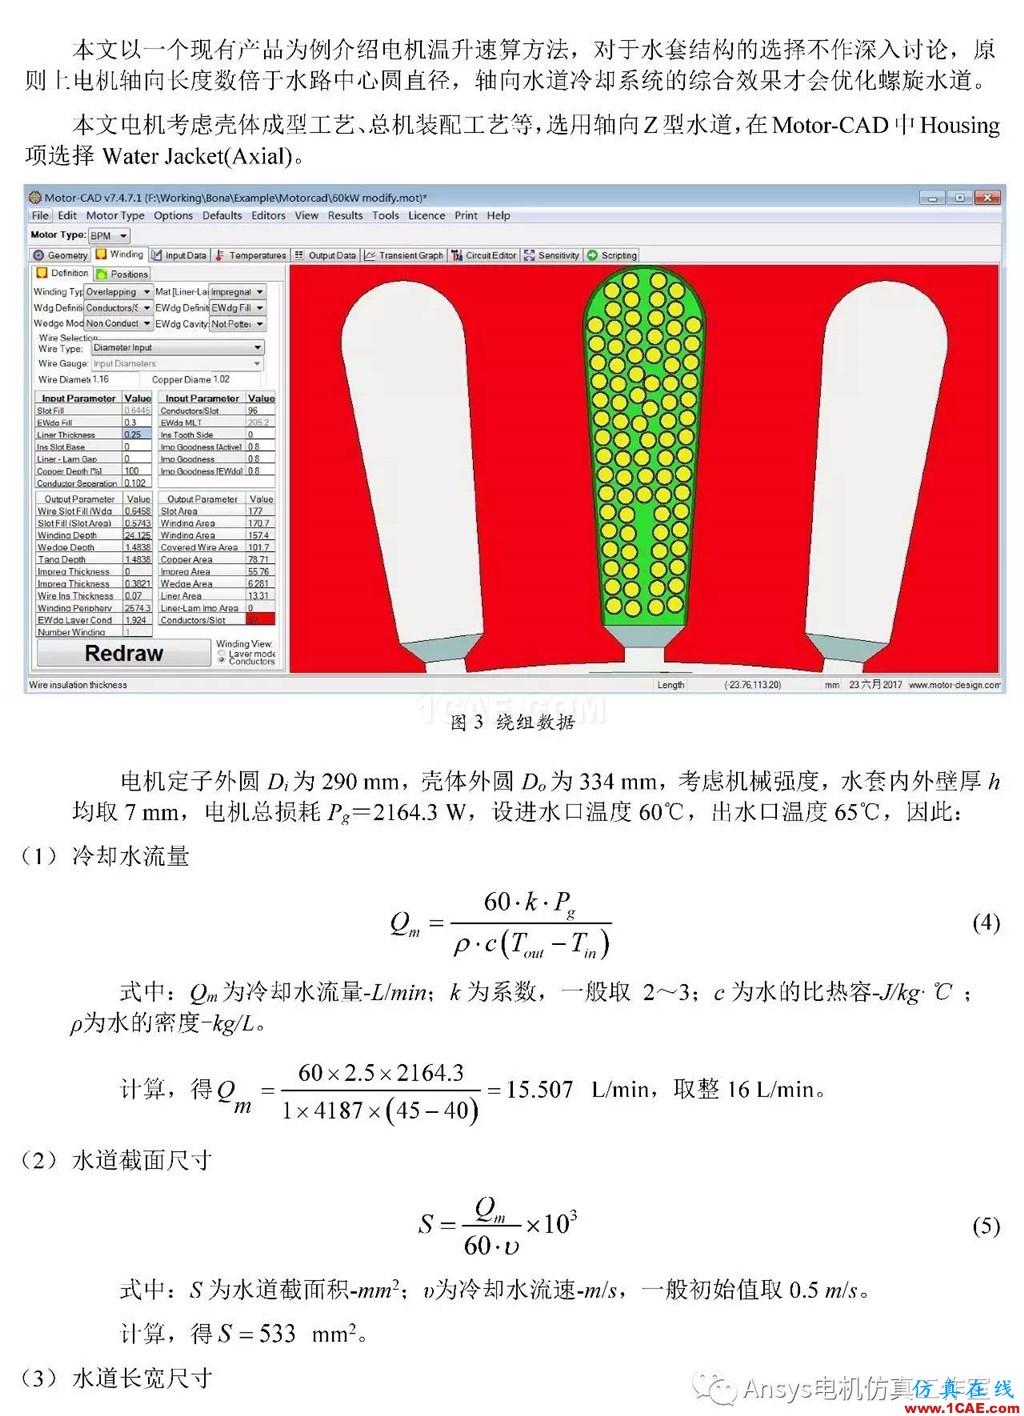 基于RMxprt和Motor-CAD永磁电机温升速算方法Maxwell分析图片4